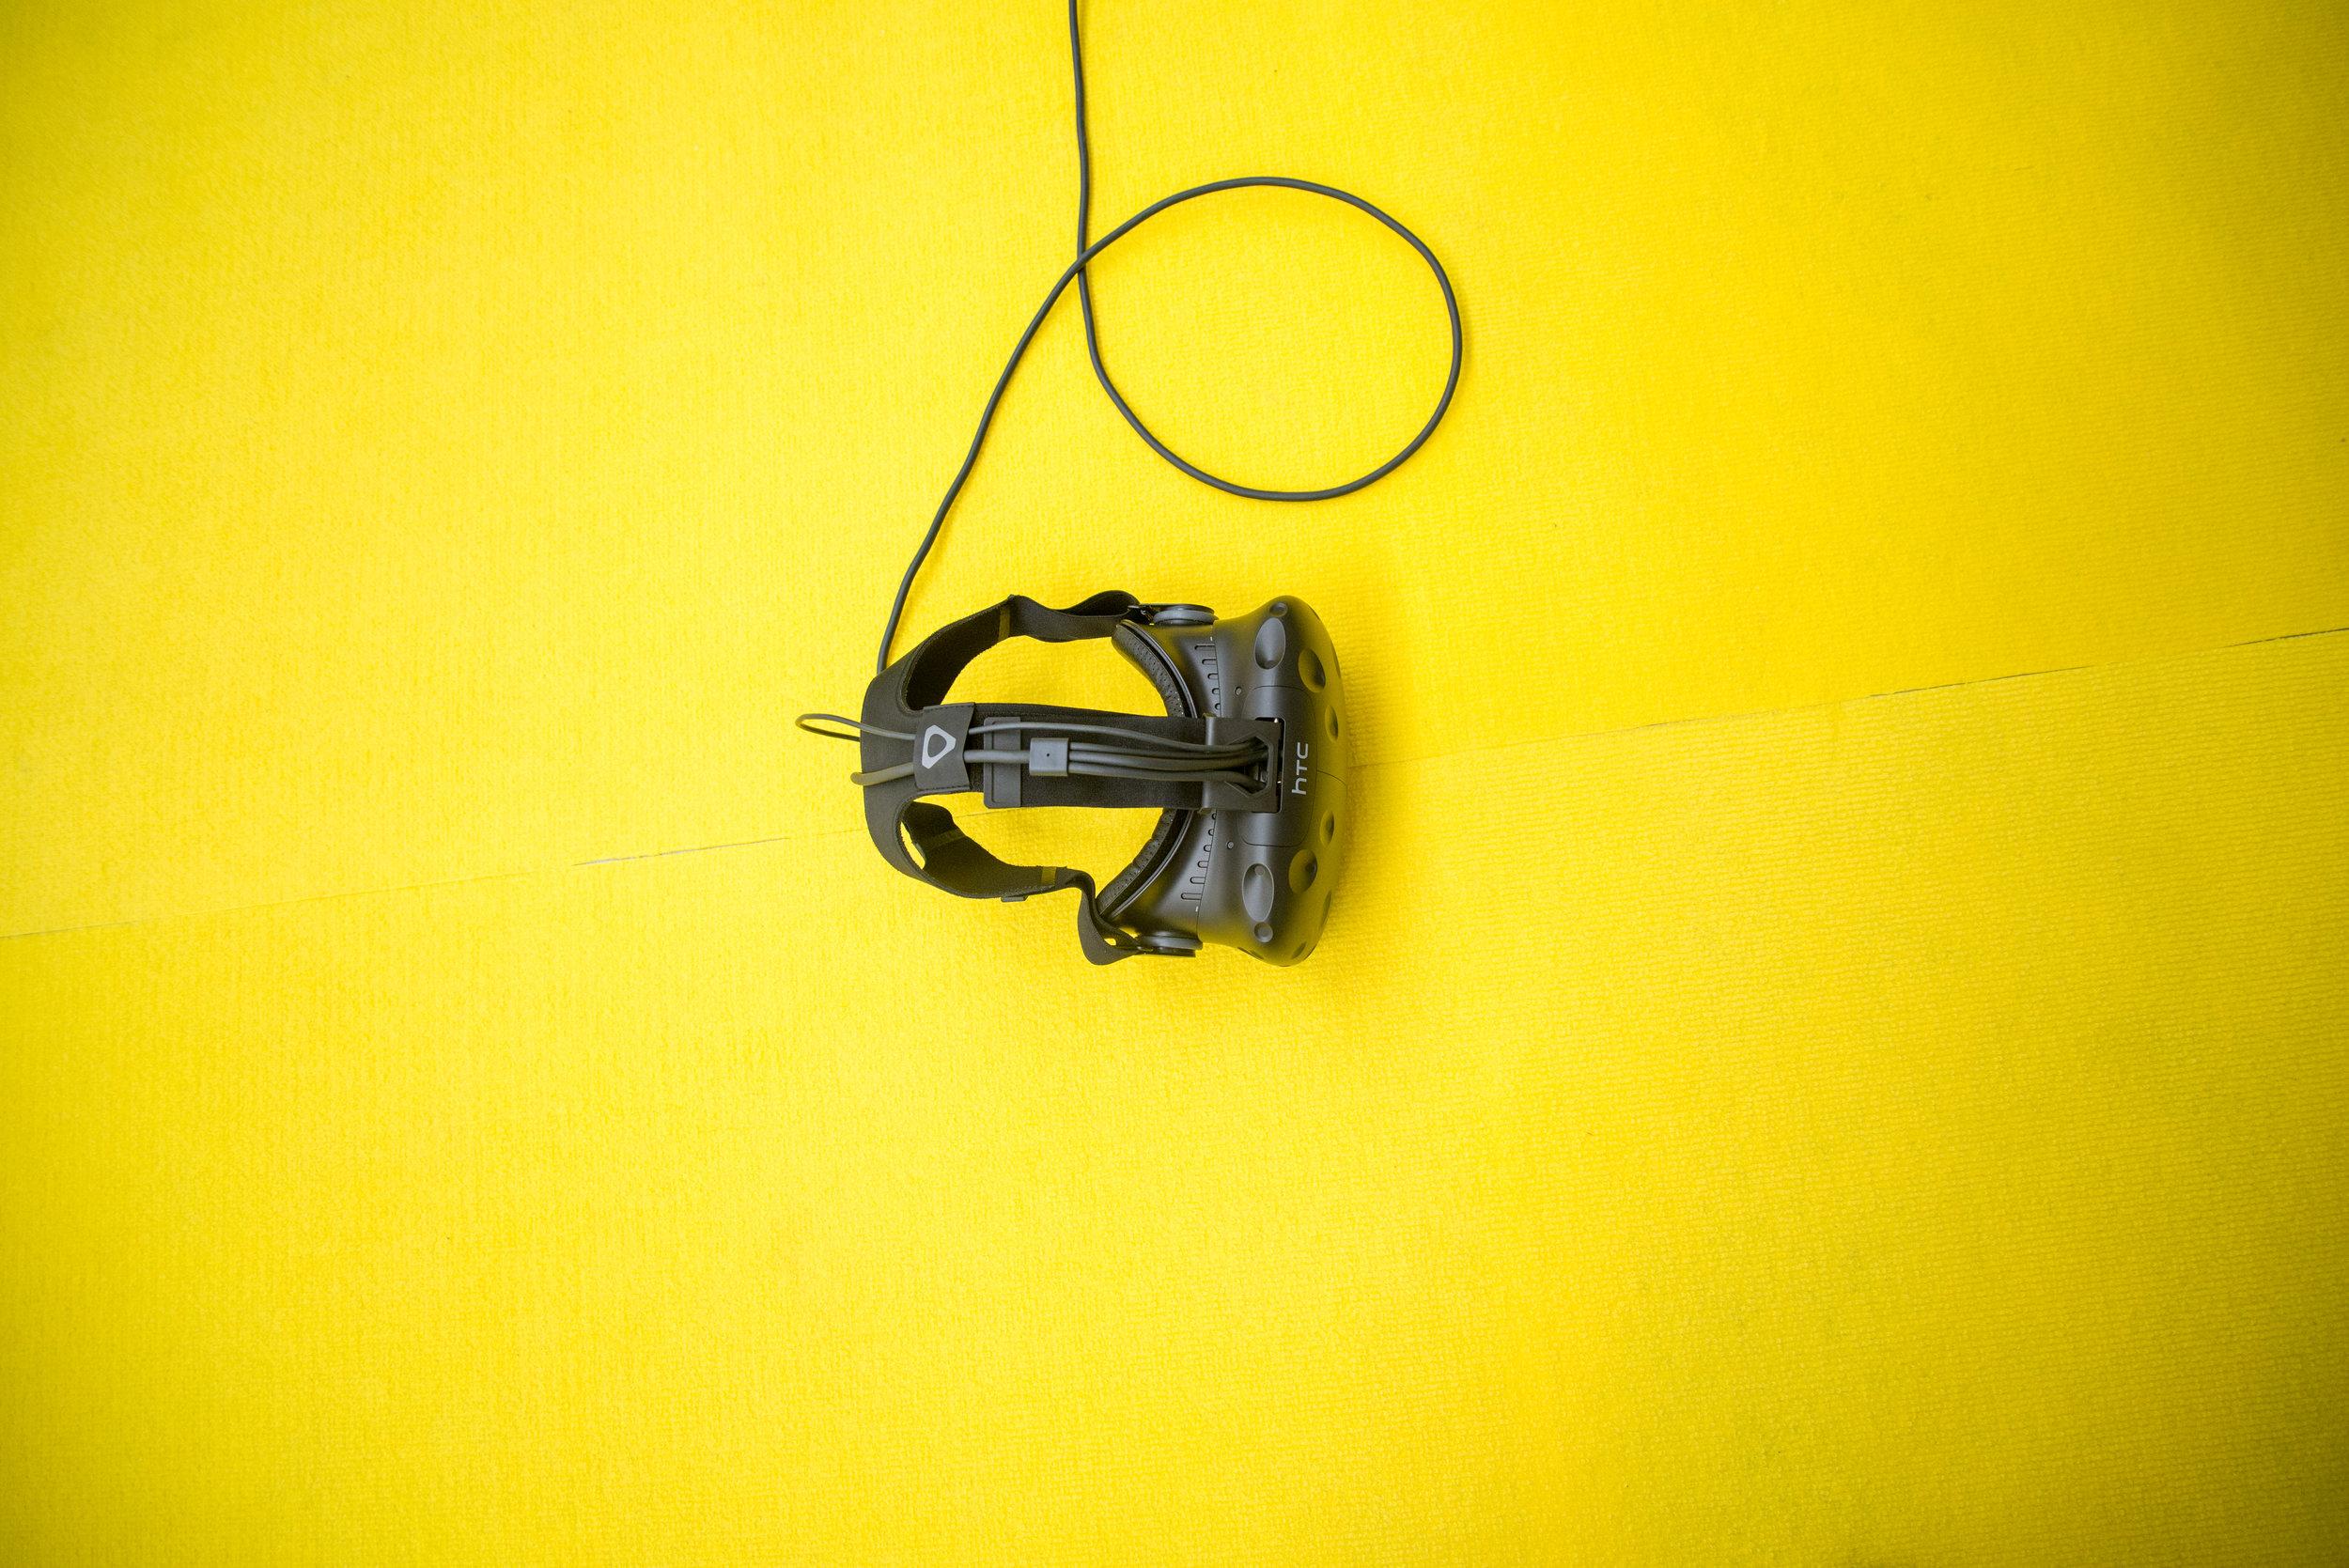 Für Einzelsettings mit Coach oder als Teil von Selbstlernprogrammen. - Immersiv: Hautnahes erleben realitätsnaher Lernsituationen.Motivierend: VR steigert die Lernmotivation der Lernenden.Gamification: Sich ausprobieren und den Lernverlauf aktiv beeinflussen.Innovativ: Zukunftsweisendes digitales Bildungsangebot.Effektiv: Steigert den (gefühlten) Lerneffekt im Vergleich zu Präsenz.